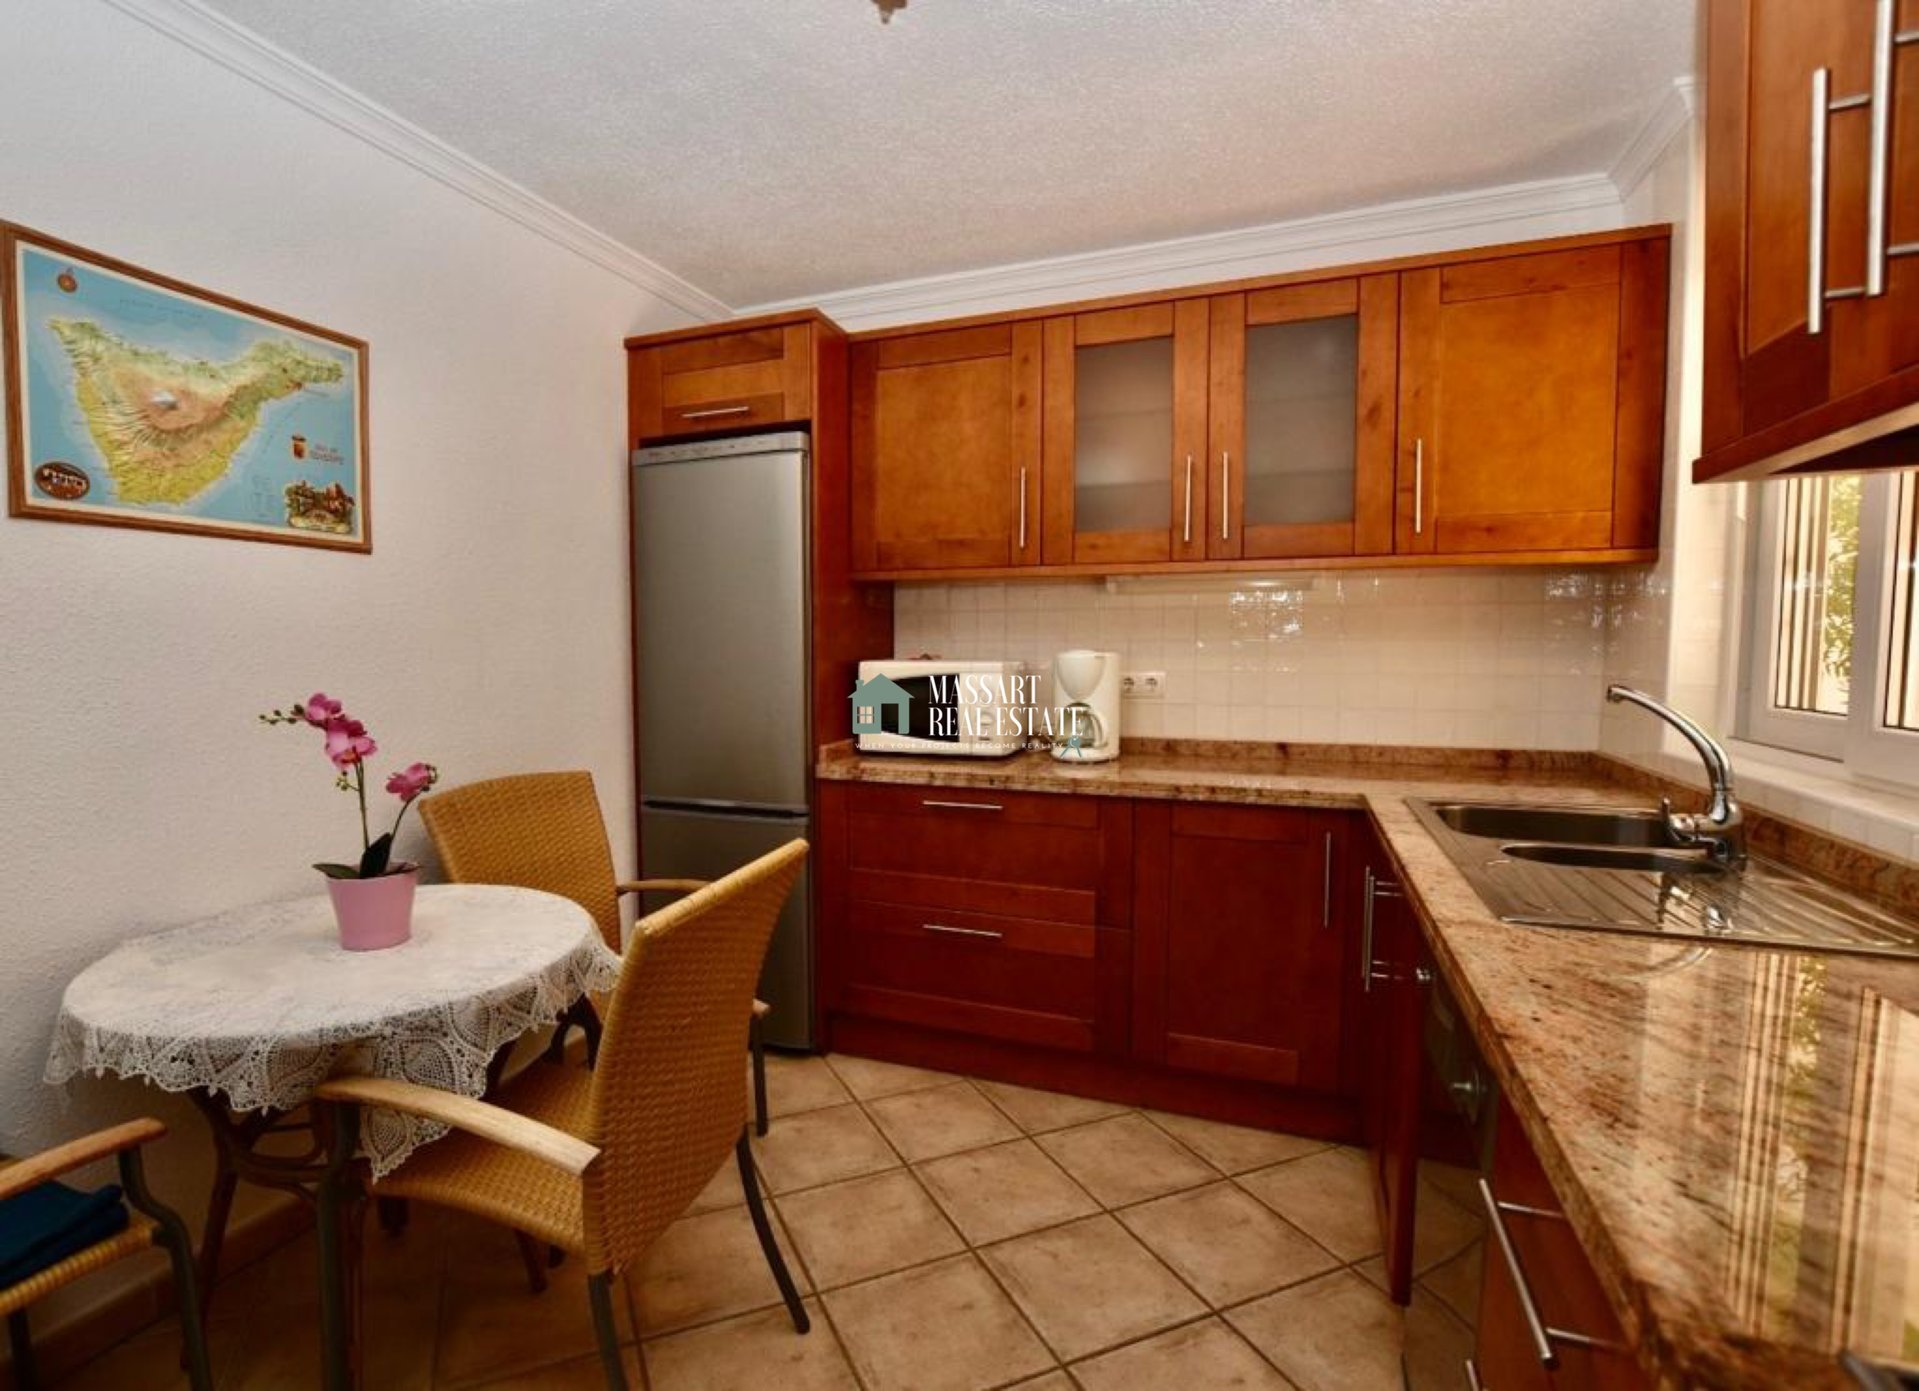 Casa a schiera con un grande potenziale in vendita in uno dei migliori complessi residenziali di Los Cristianos, caratterizzato da un'alta attrezzatura con mobili di qualità.